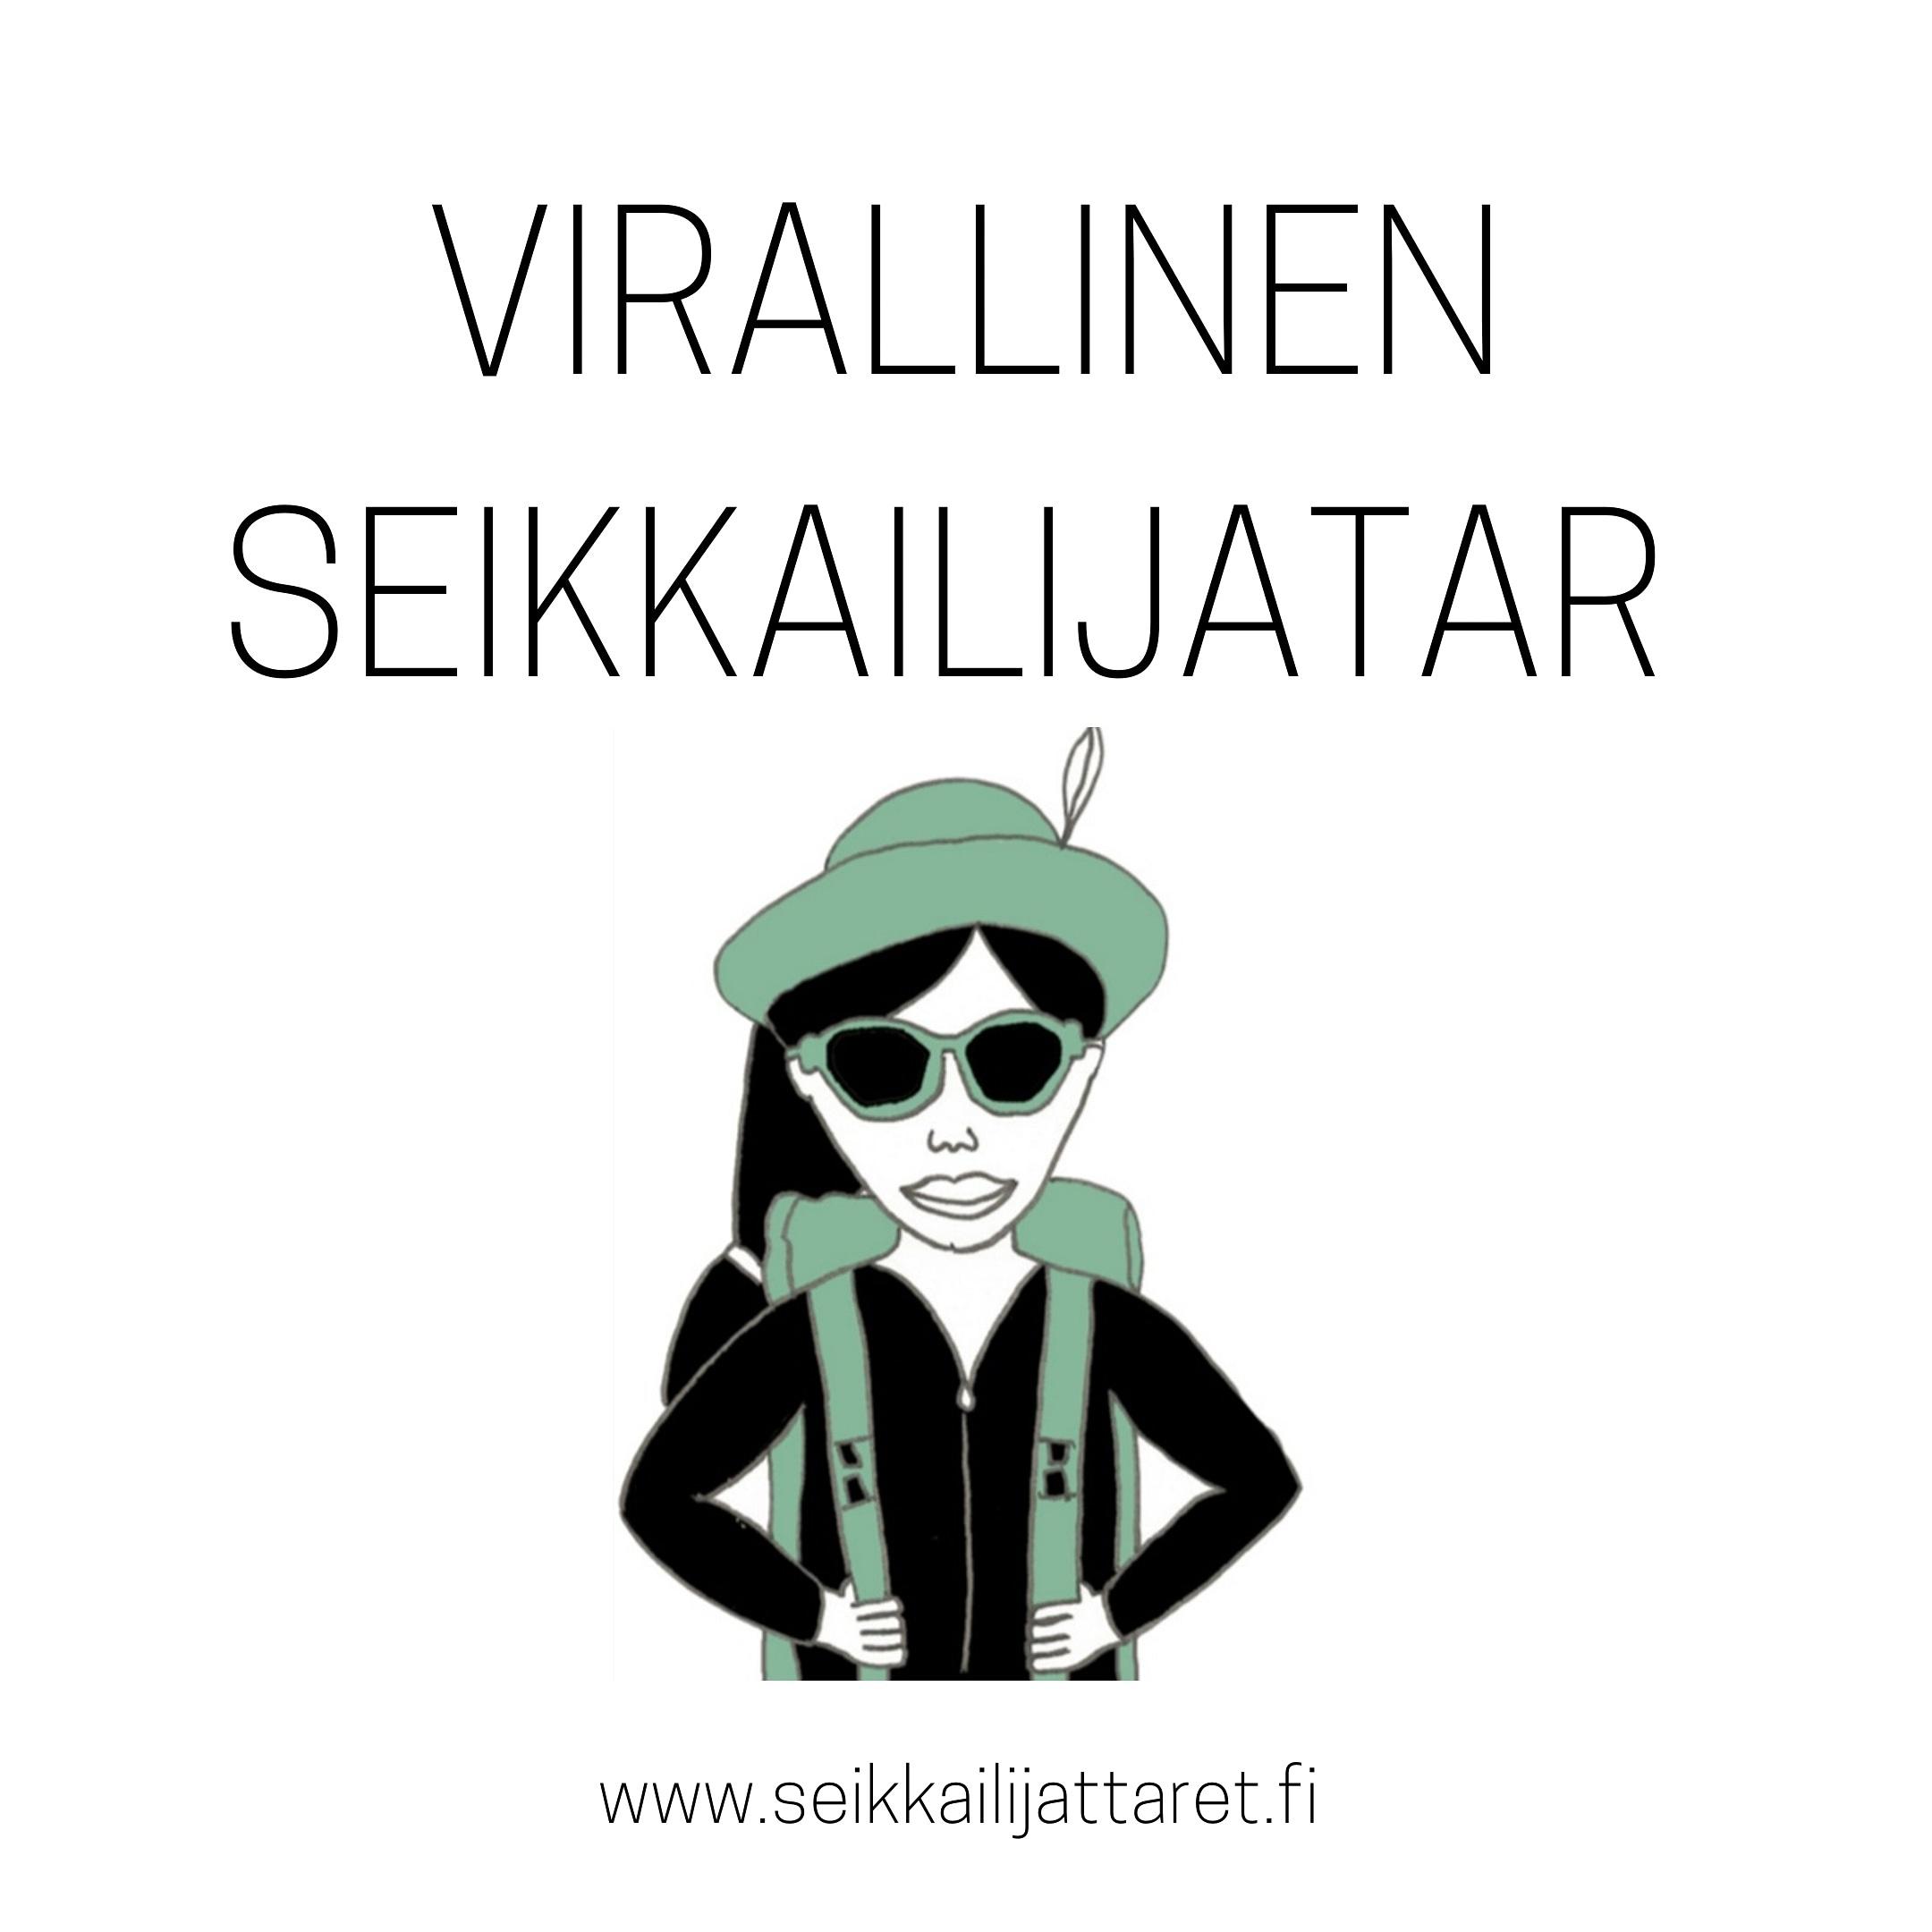 seikkailijattaret.fi